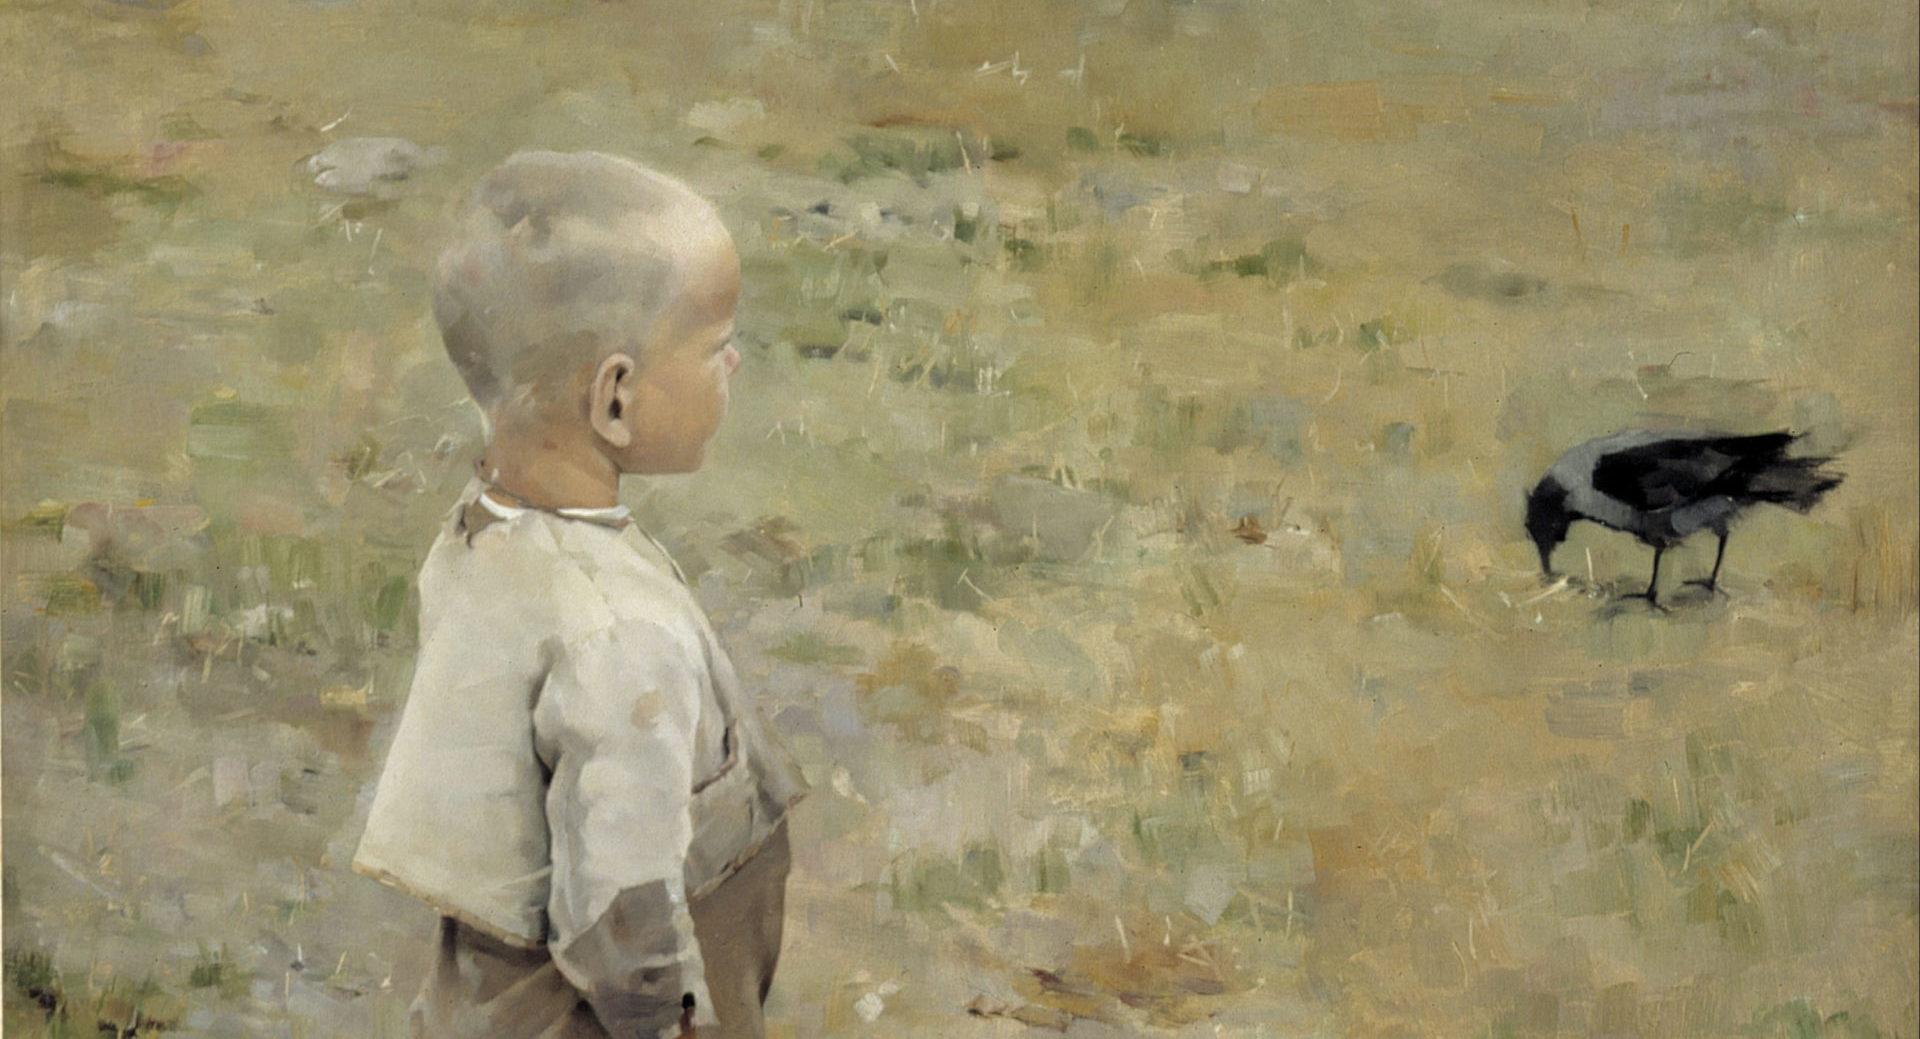 Фрагмент картиныАксели Галлен-Каллела«Мальчик и ворона», 1884.